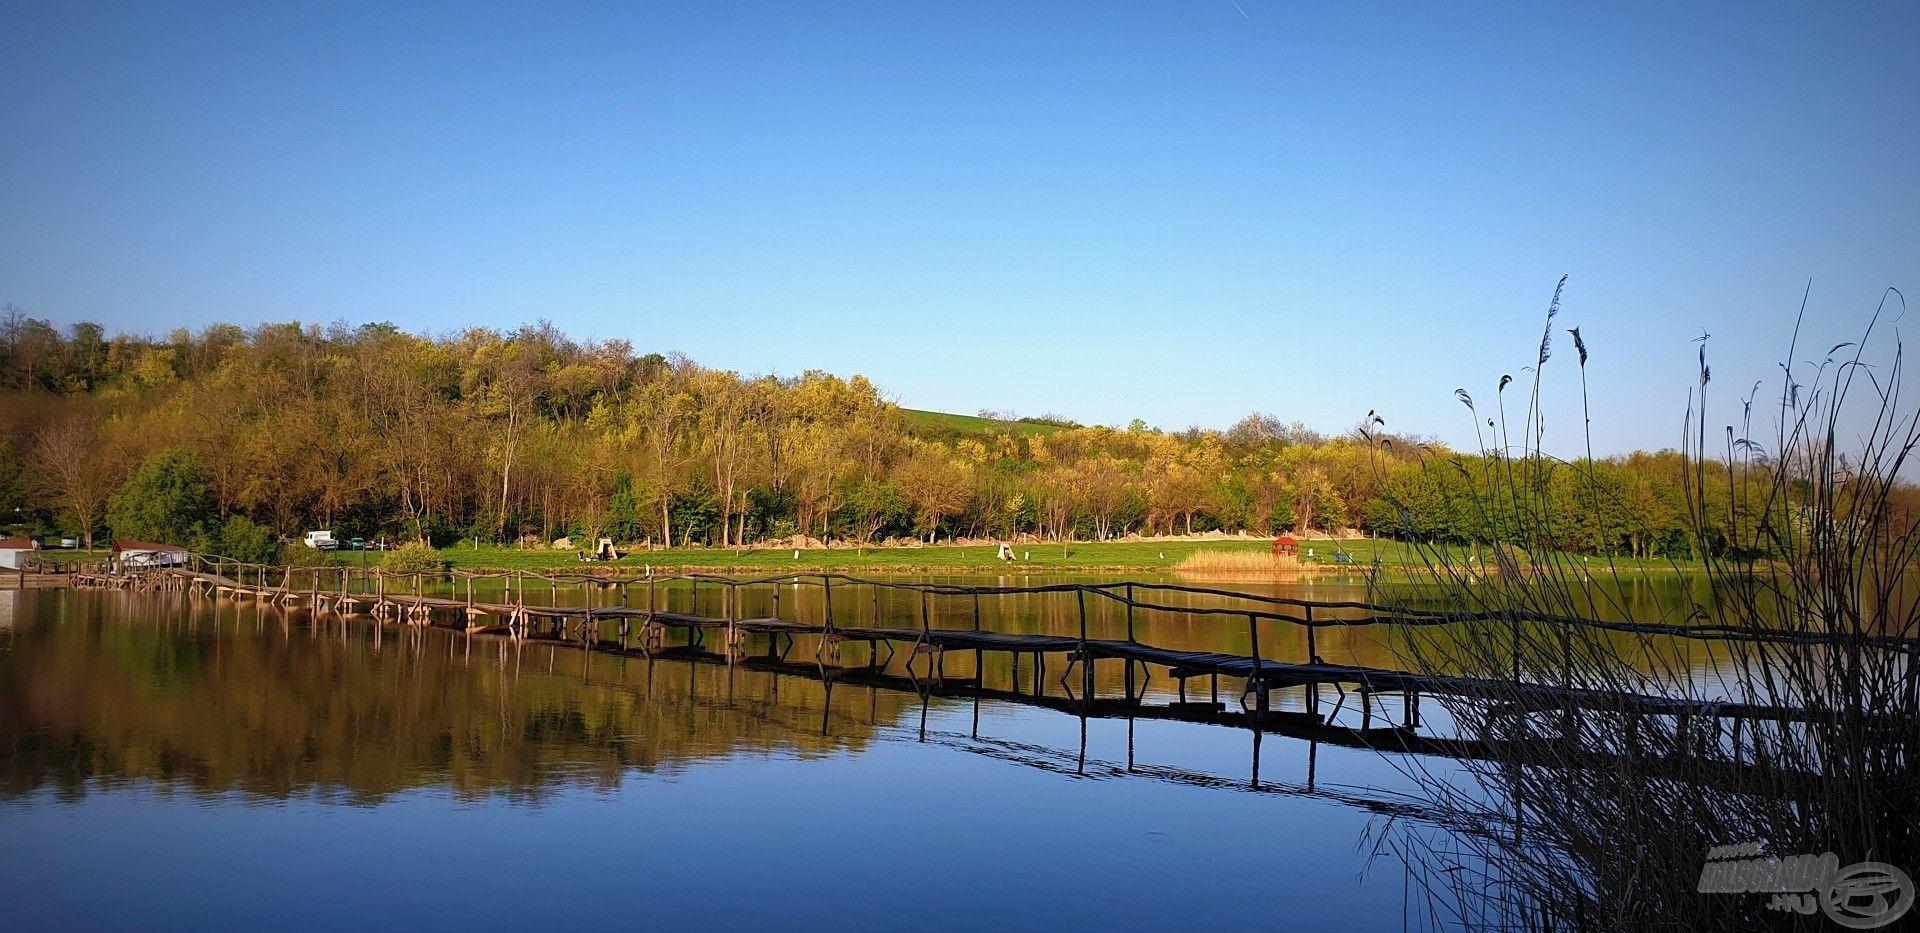 A tavat átszelő hídon átkelve foglaltuk el horgászhelyünket